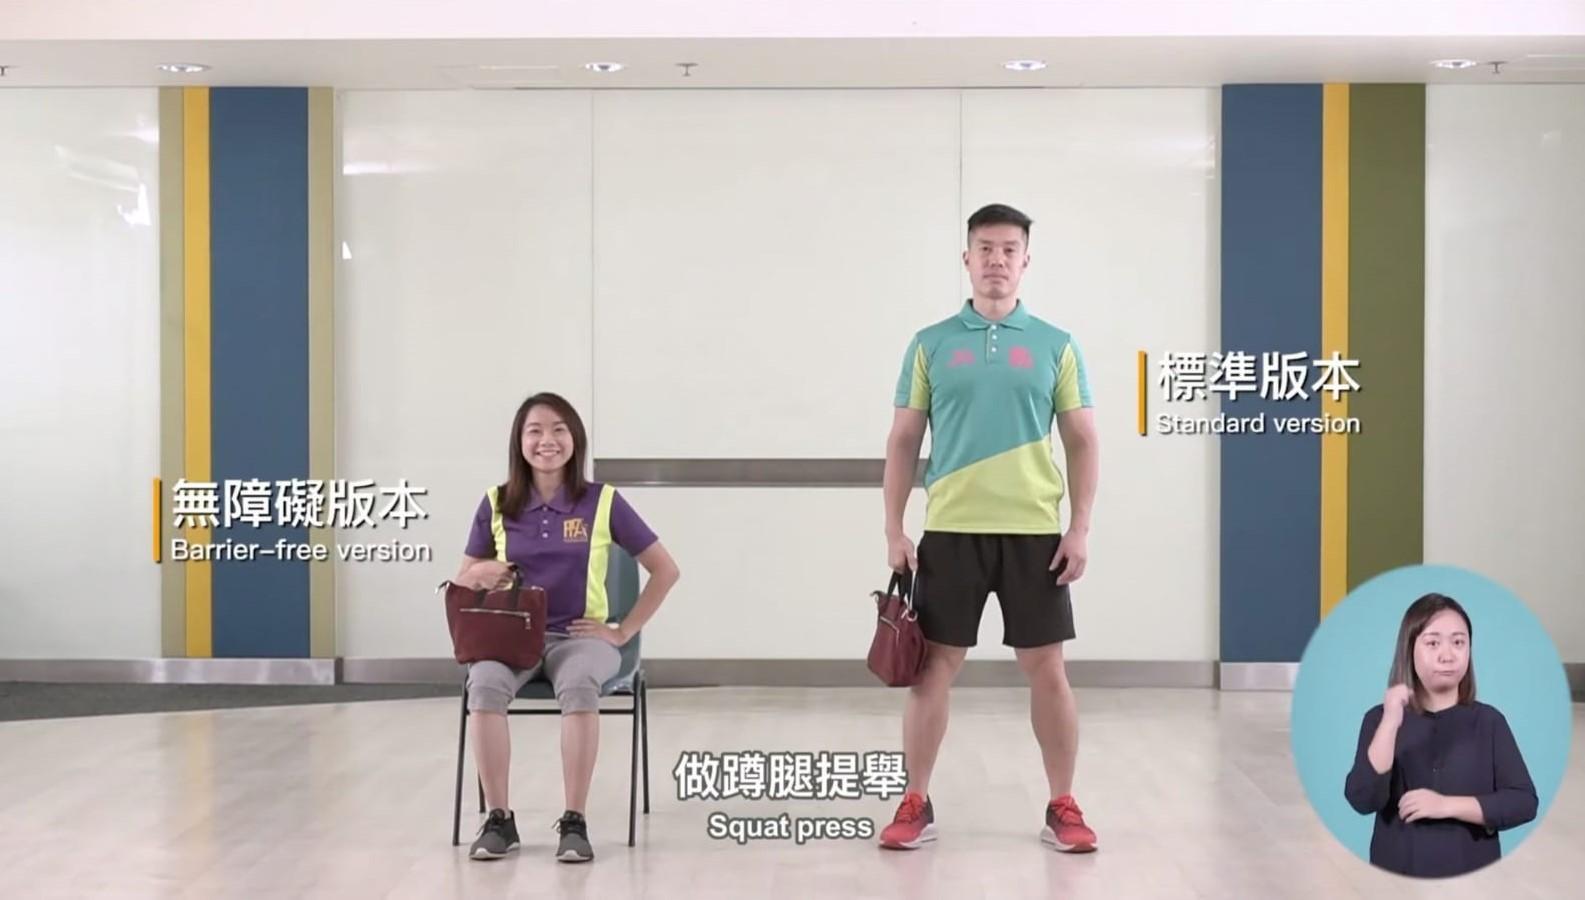 (康文署殘疾人士家居體適能運動影片截圖)